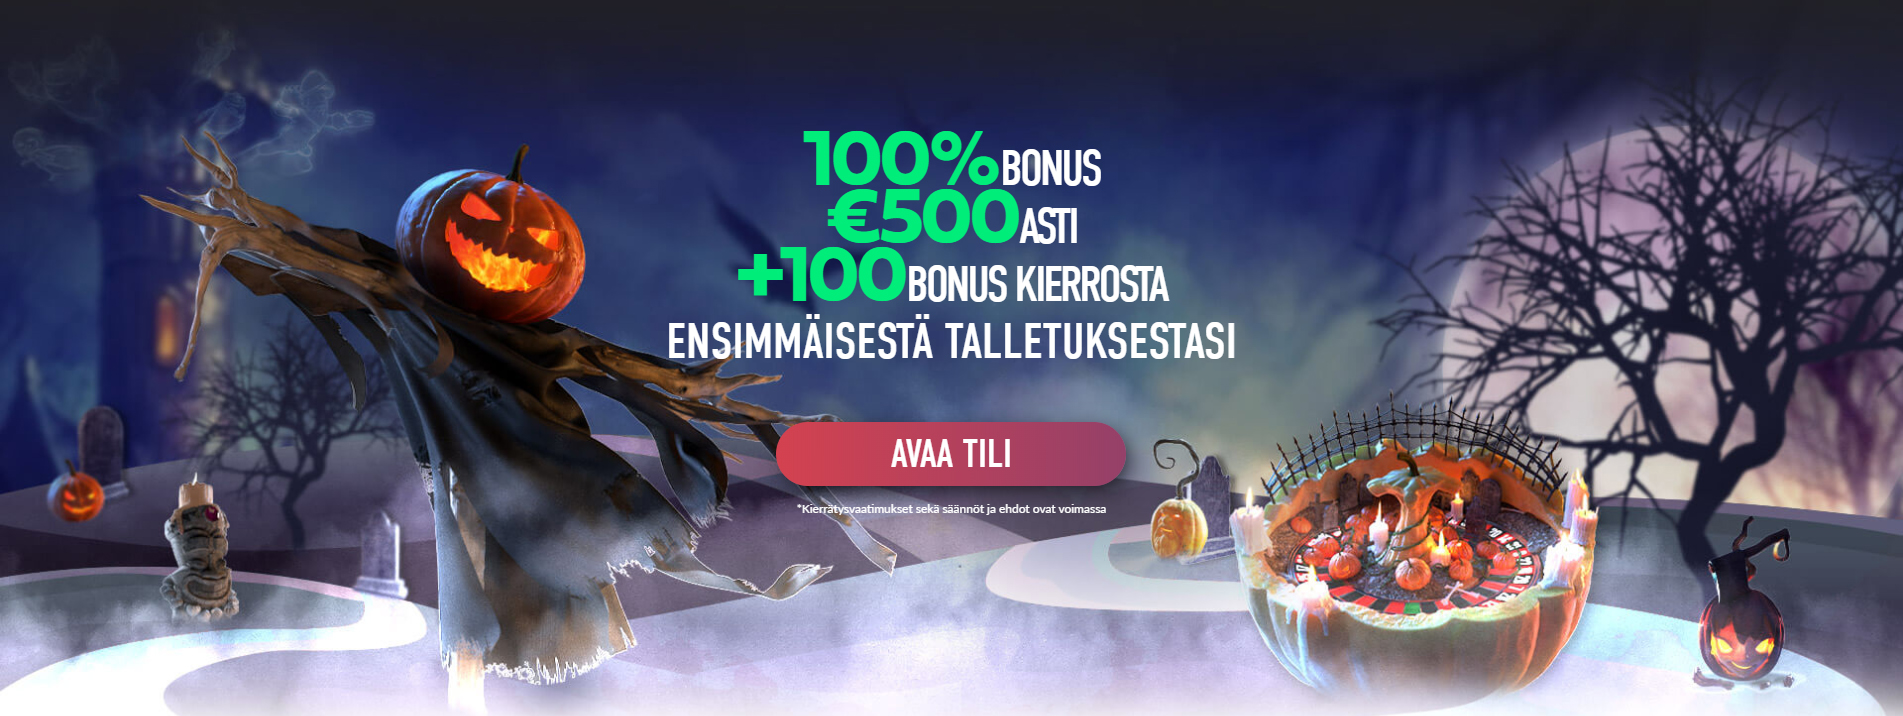 Slotnite Casino Content Images - Finland CasinoTop 02